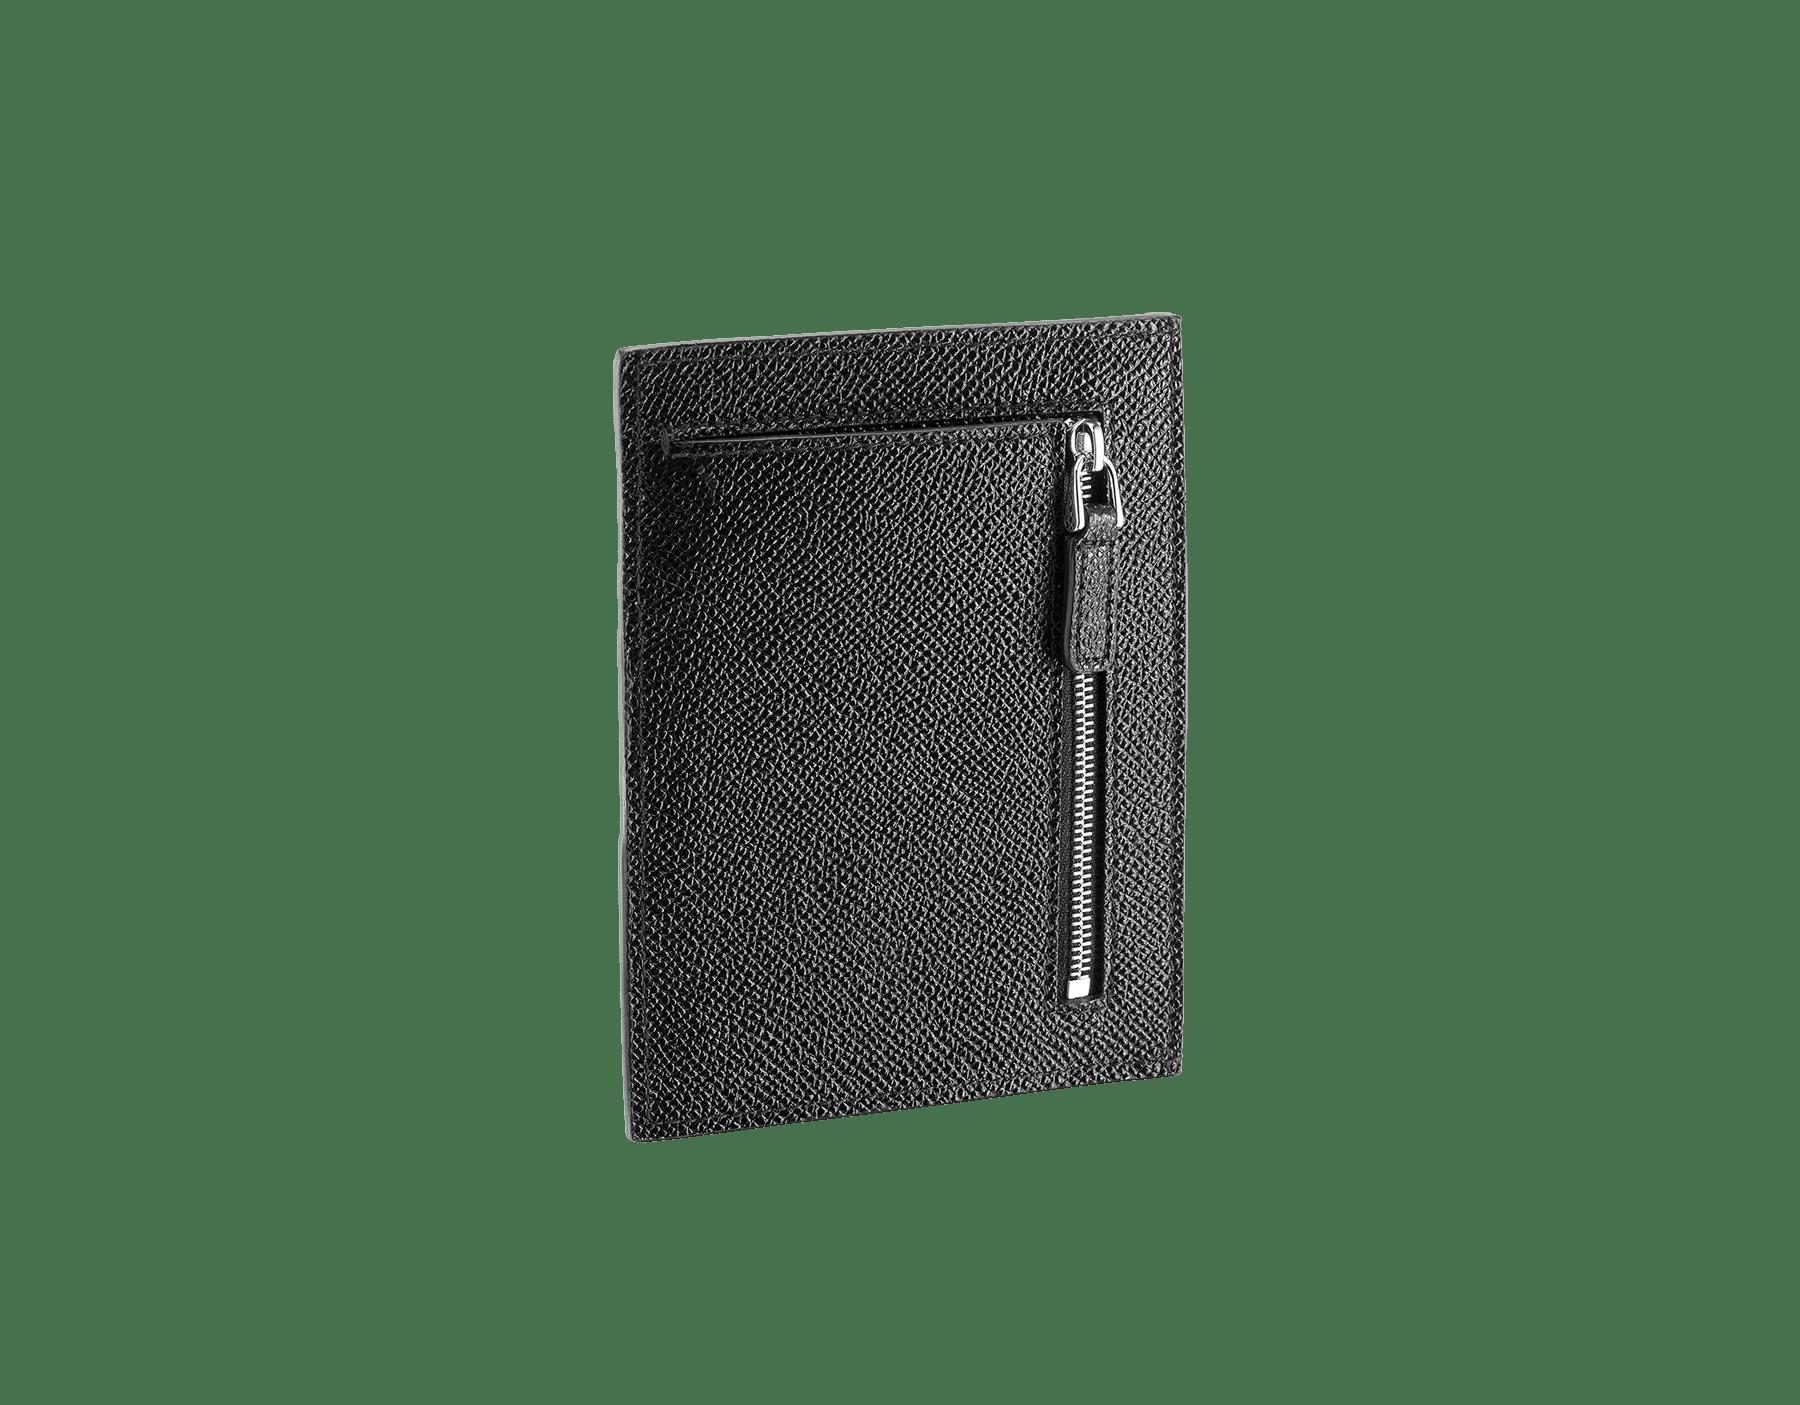 ブラックのグレインカーフレザー製「ブルガリ・ブルガリ」クレジットカードおよびコインホルダー。ブラスパラジウムプレートのアイコニックなロゴの装飾。 289391 image 2